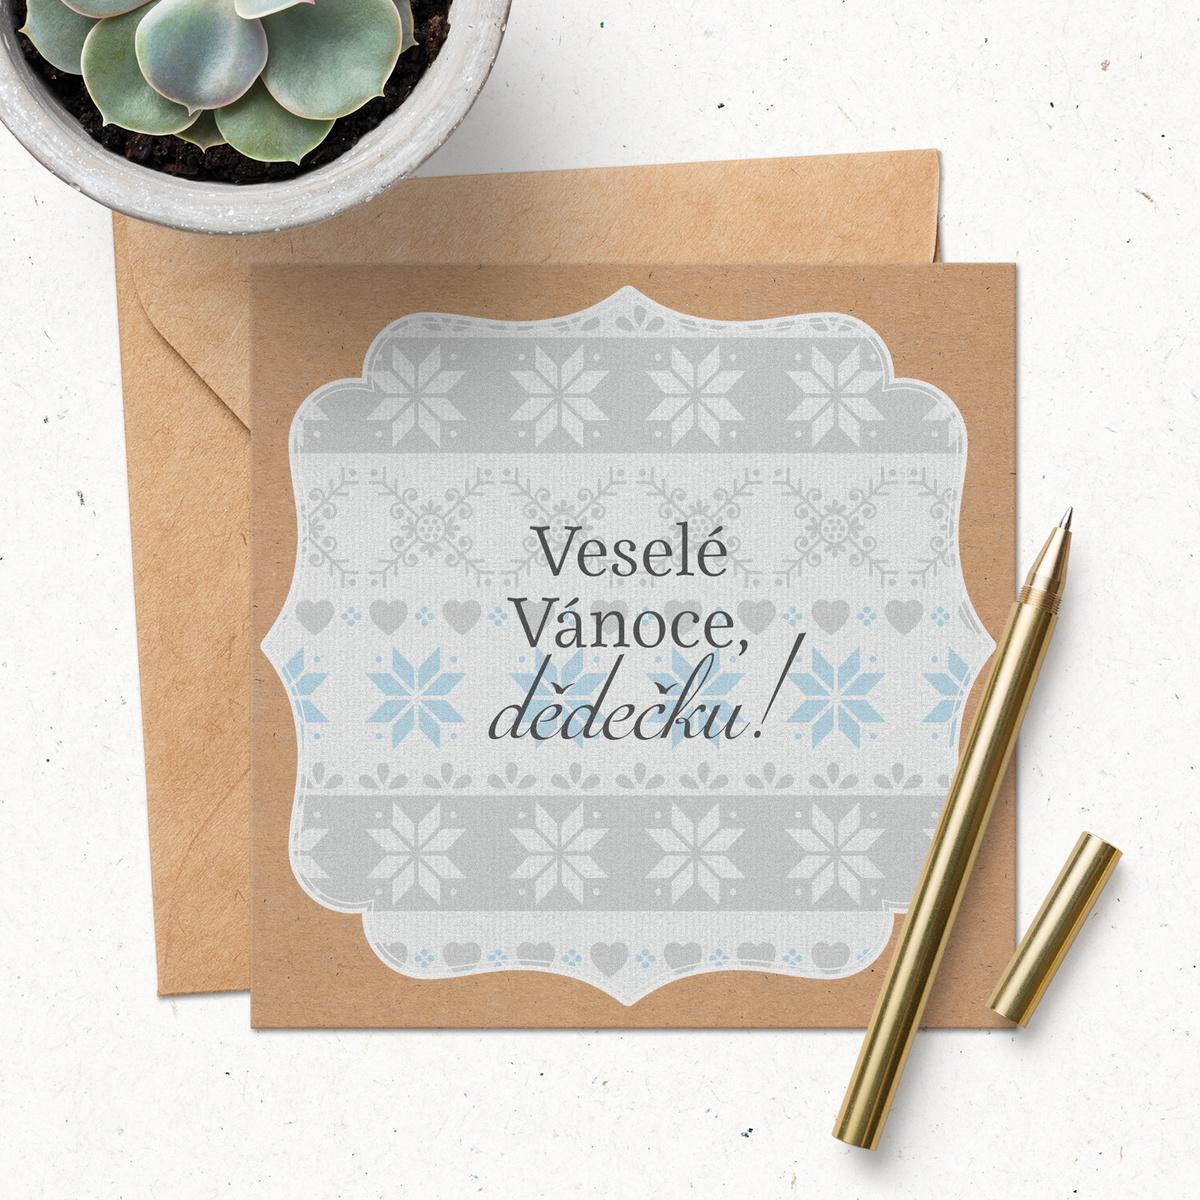 HOUSEDECOR Přání s obálkou - Veselé Vánoce, dědečku!